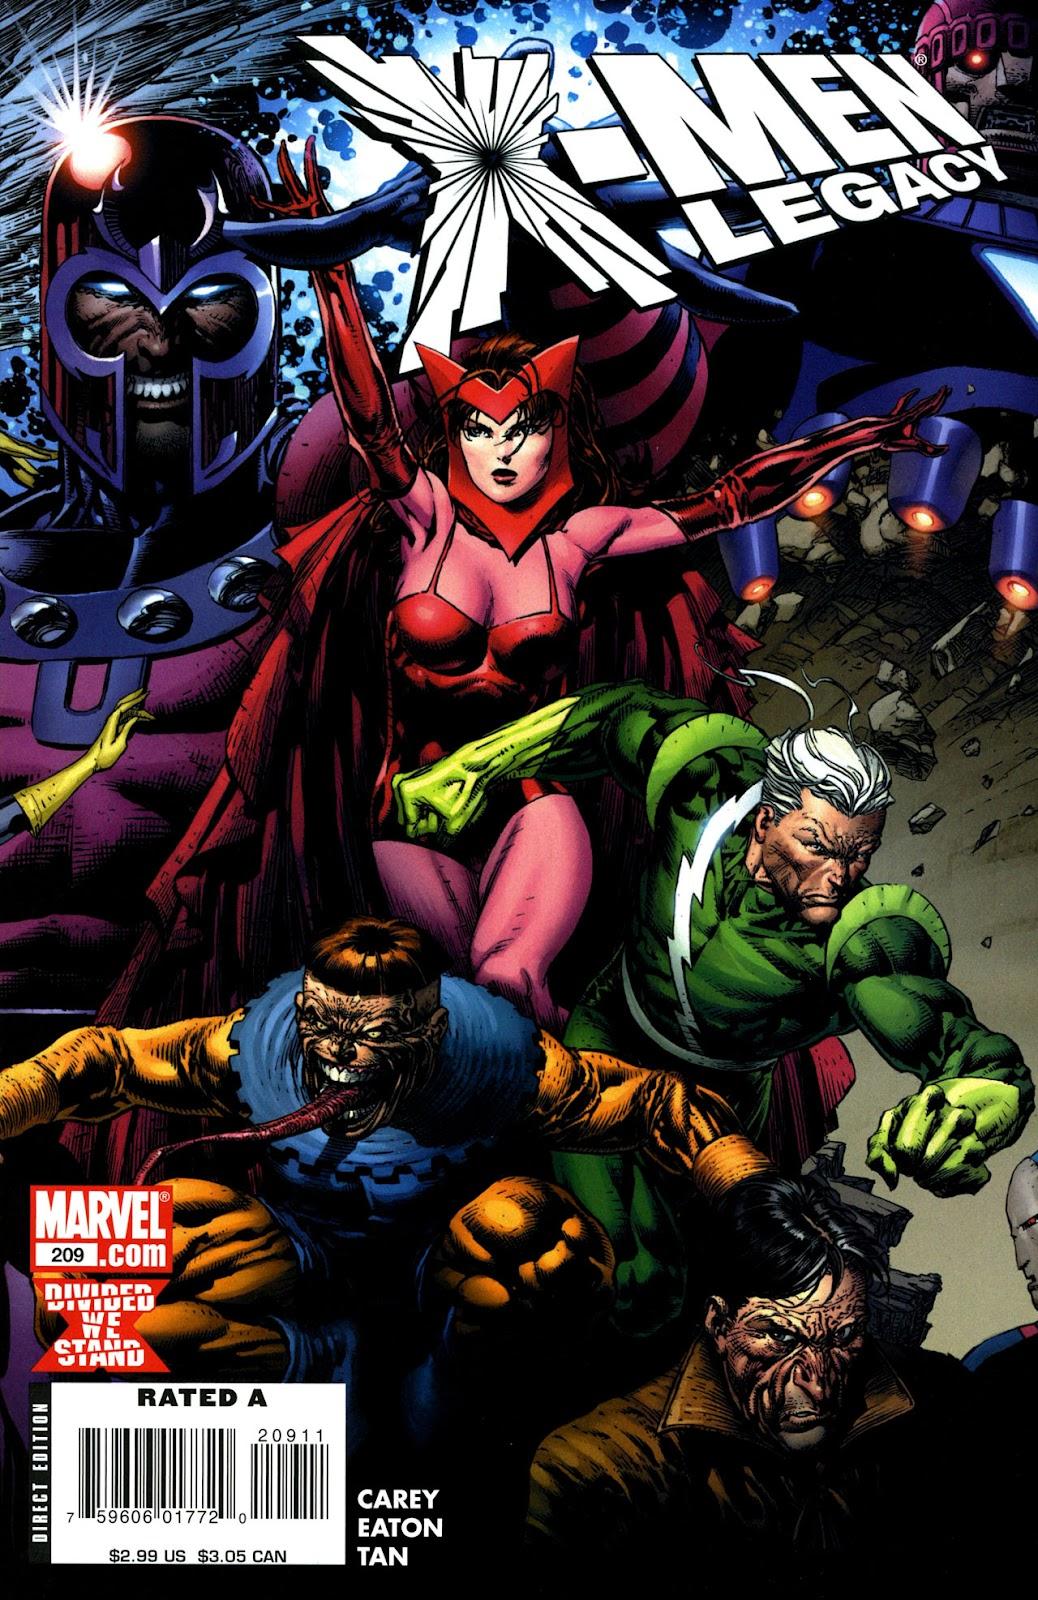 X-Men Legacy (2008) 209 Page 1